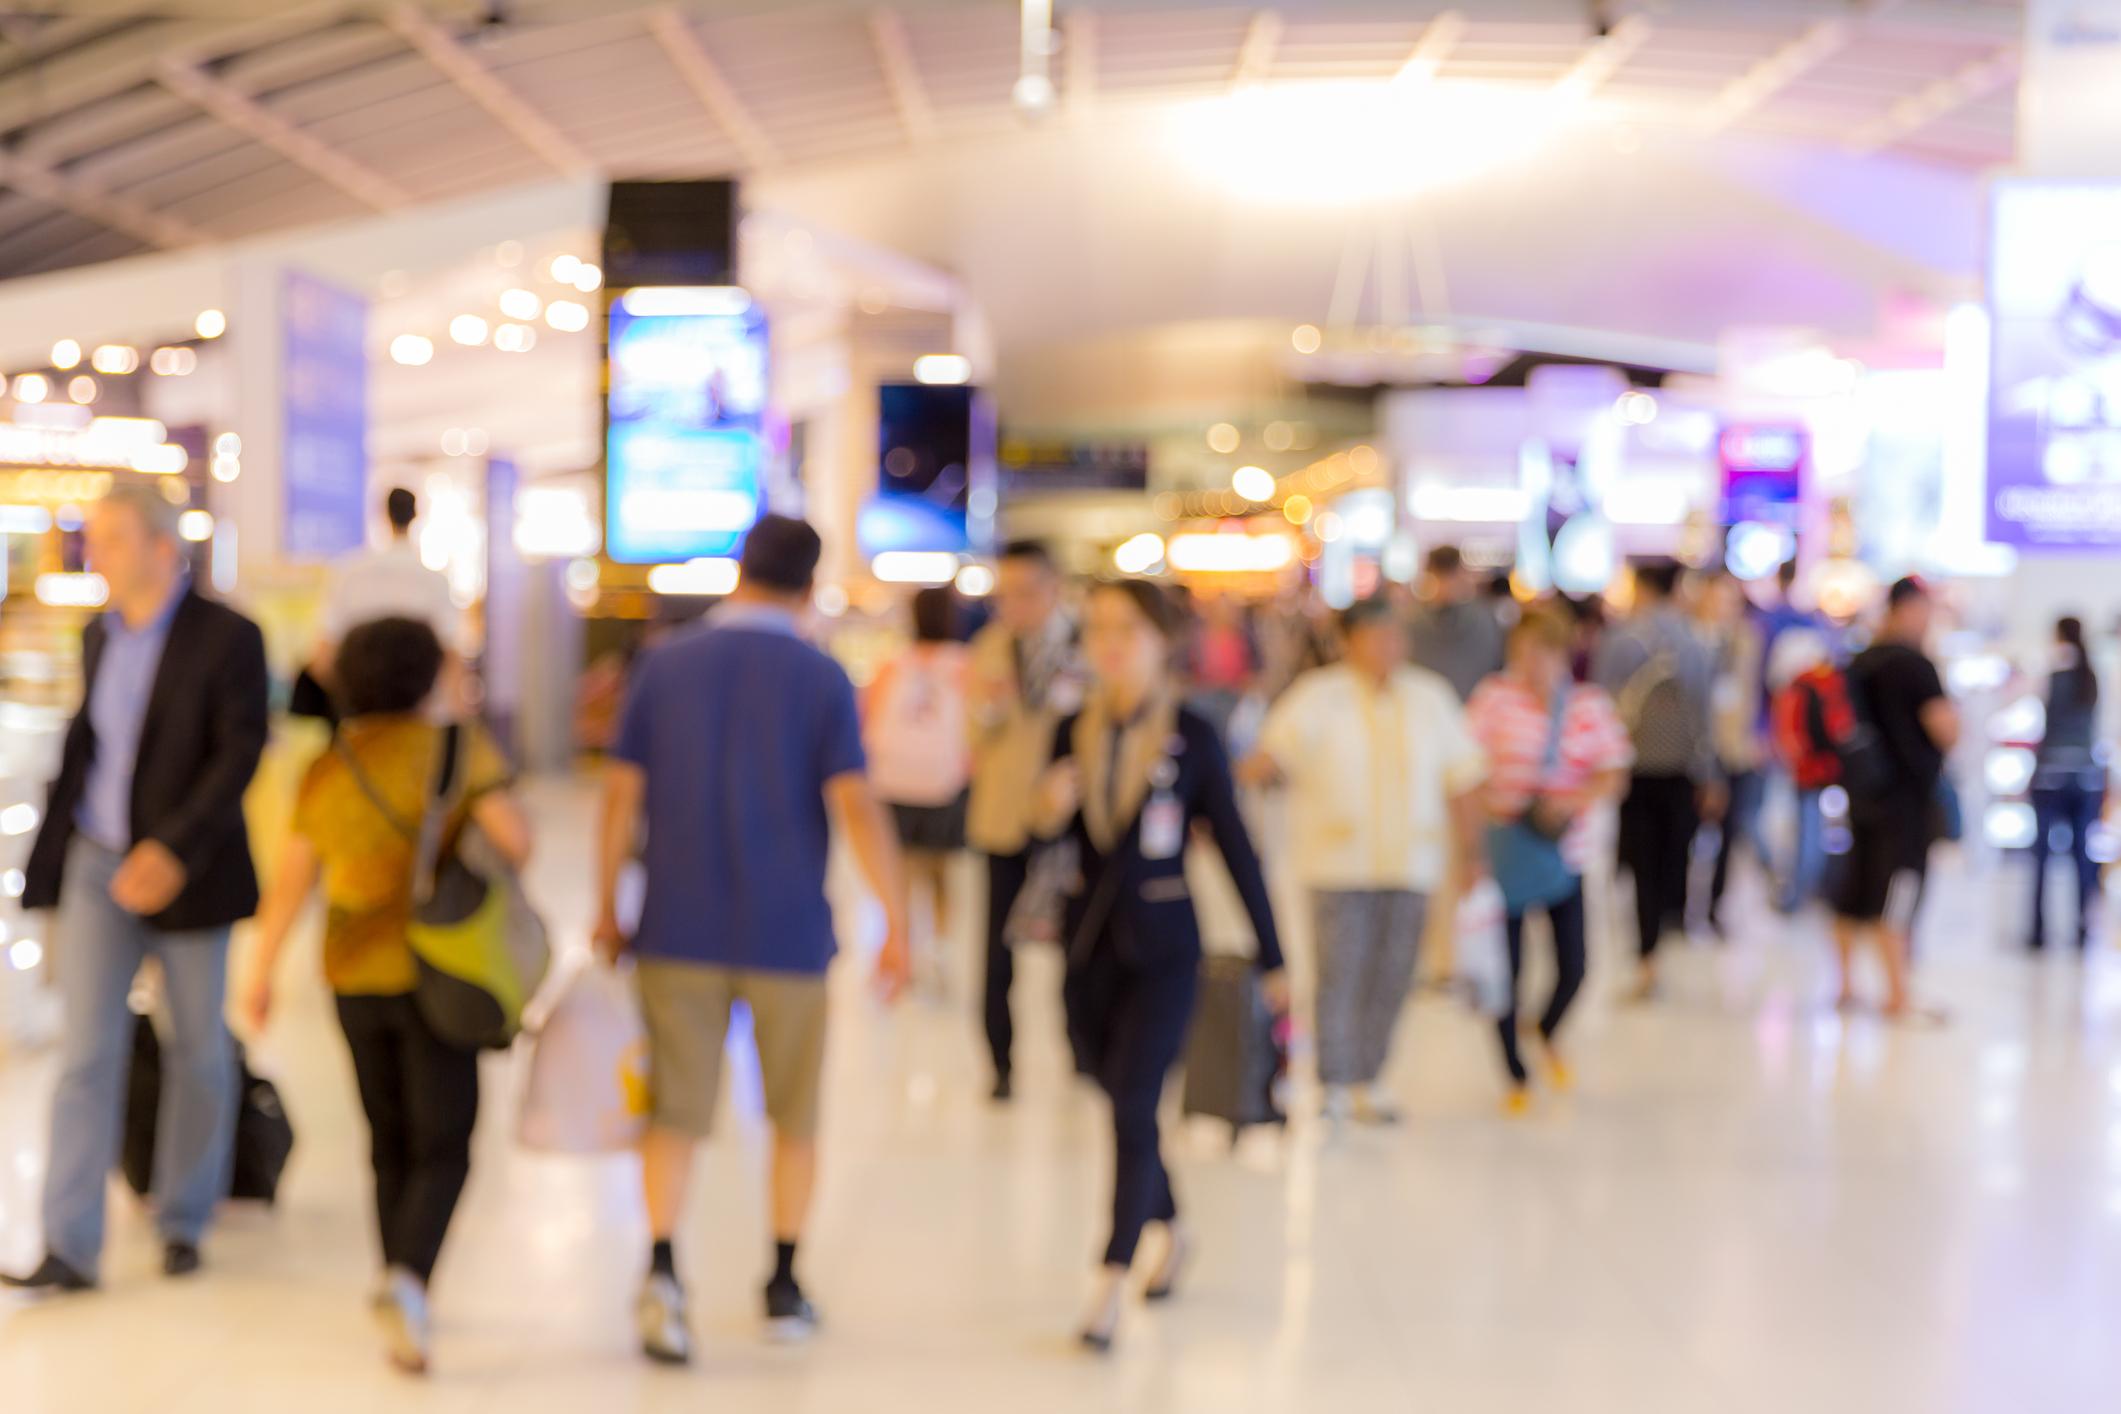 Shoppers walk through a mall.